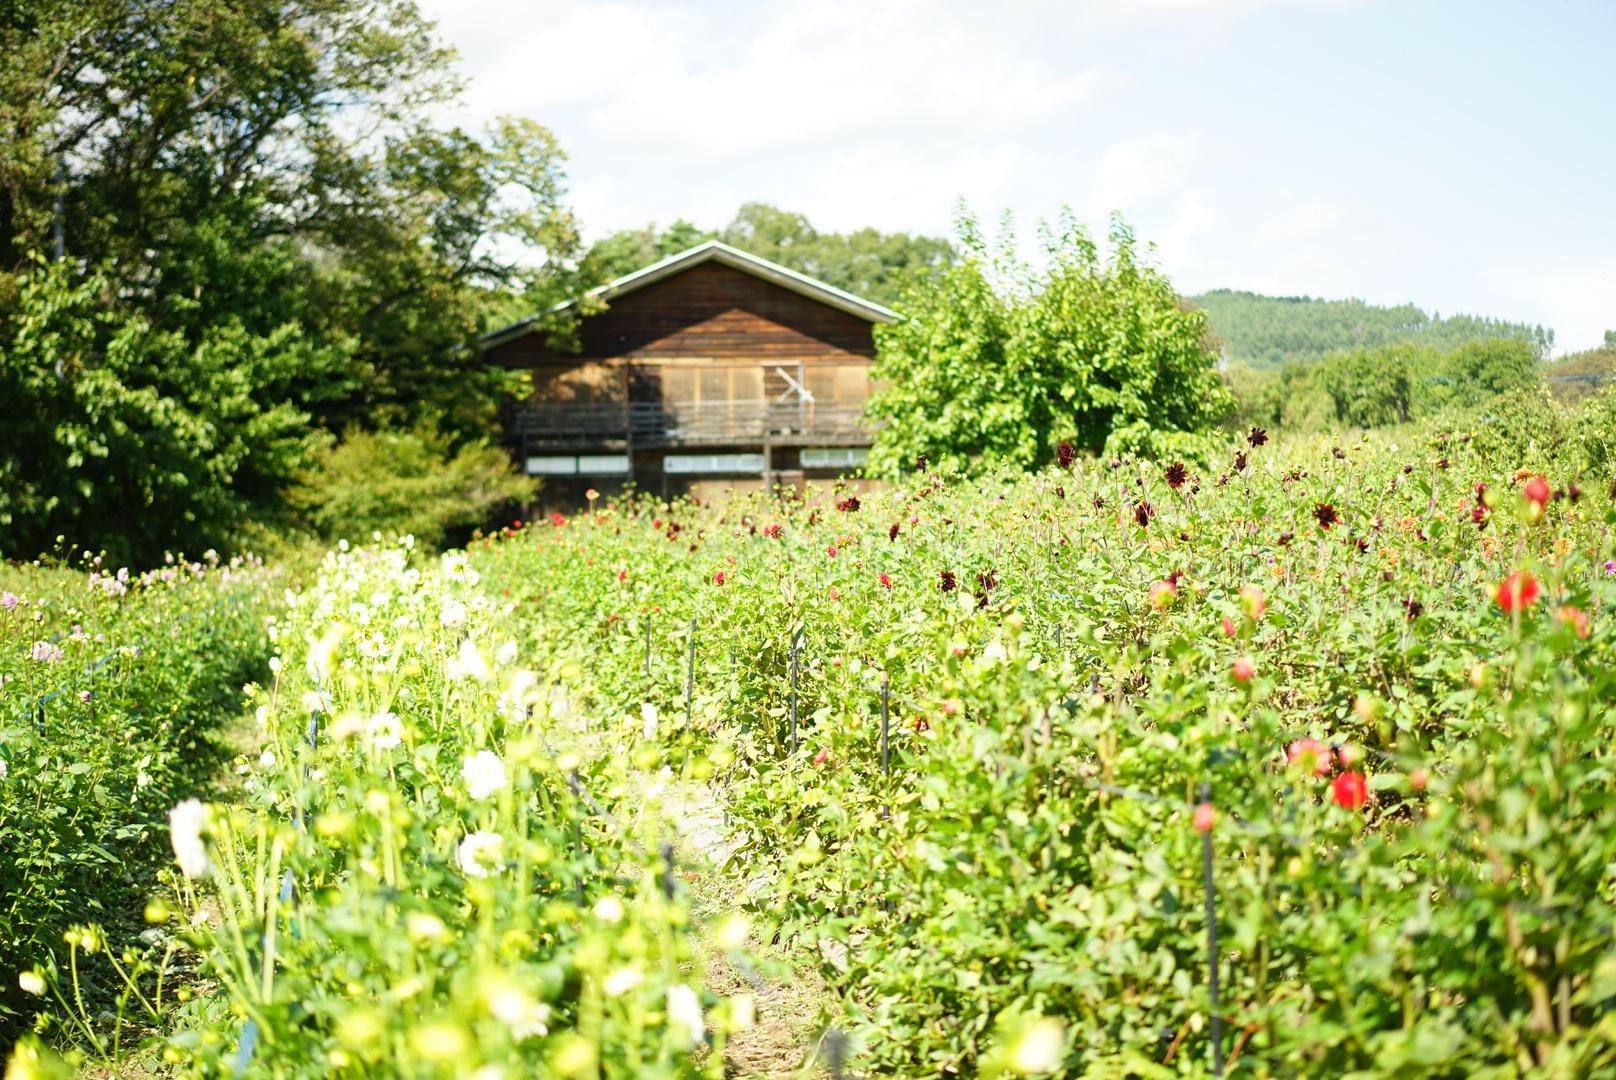 【山梨】八ヶ岳にあるお花屋さん〈Flowers for lena〉の、丁寧に育てられたお花たちに囲まれて。